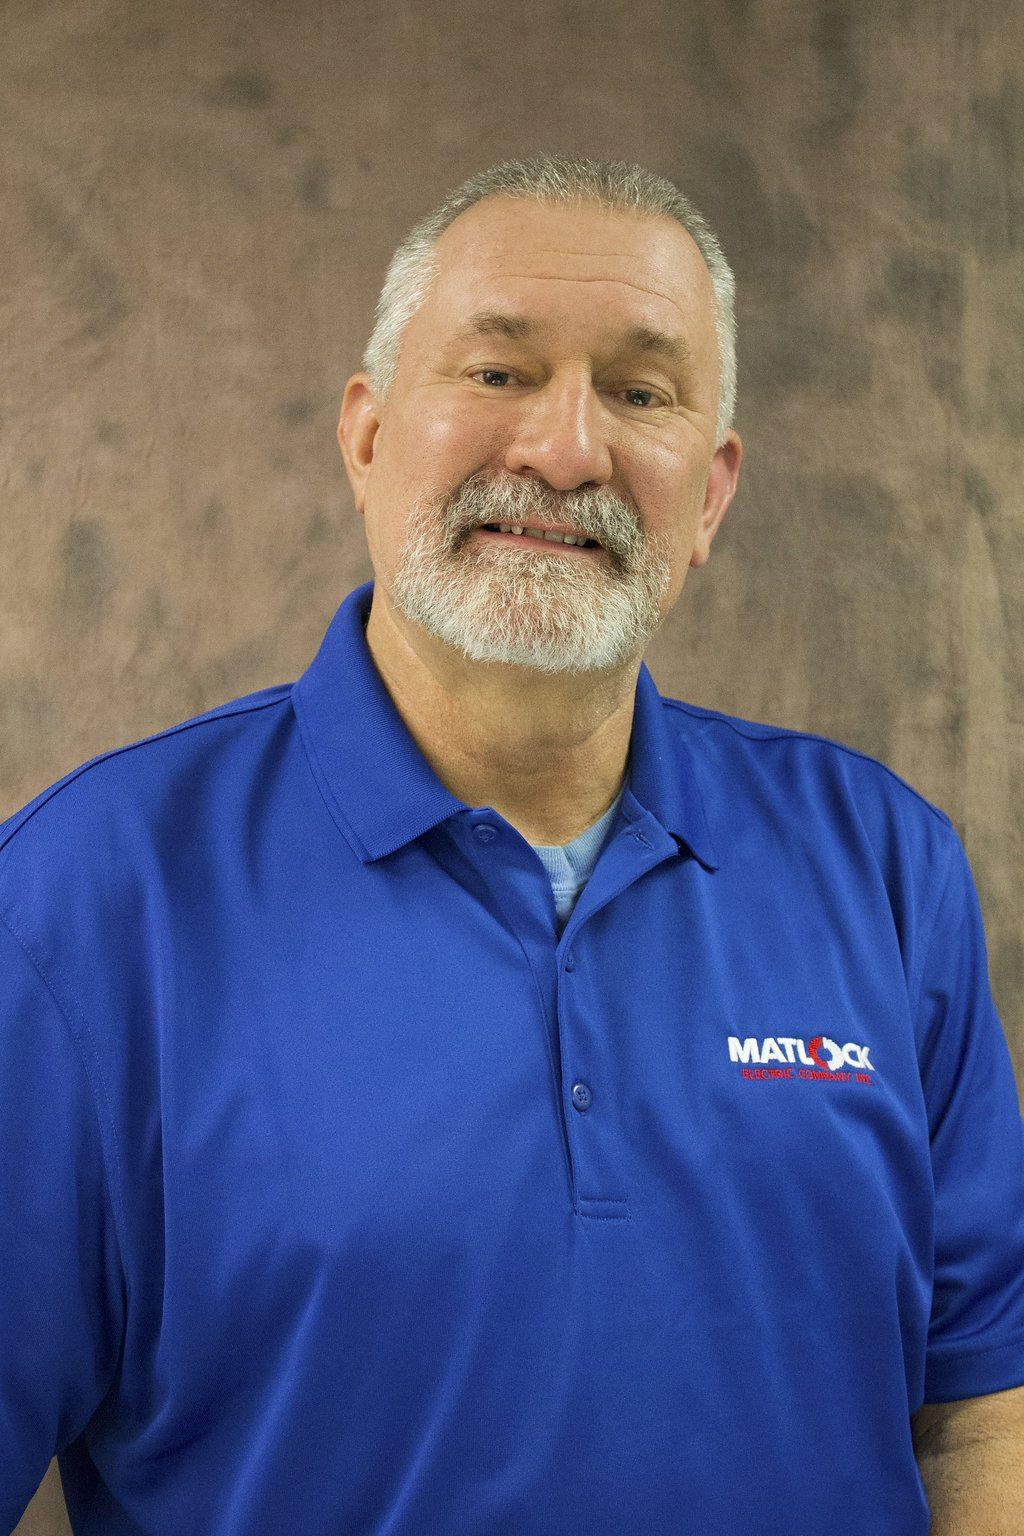 Steve Metzinger